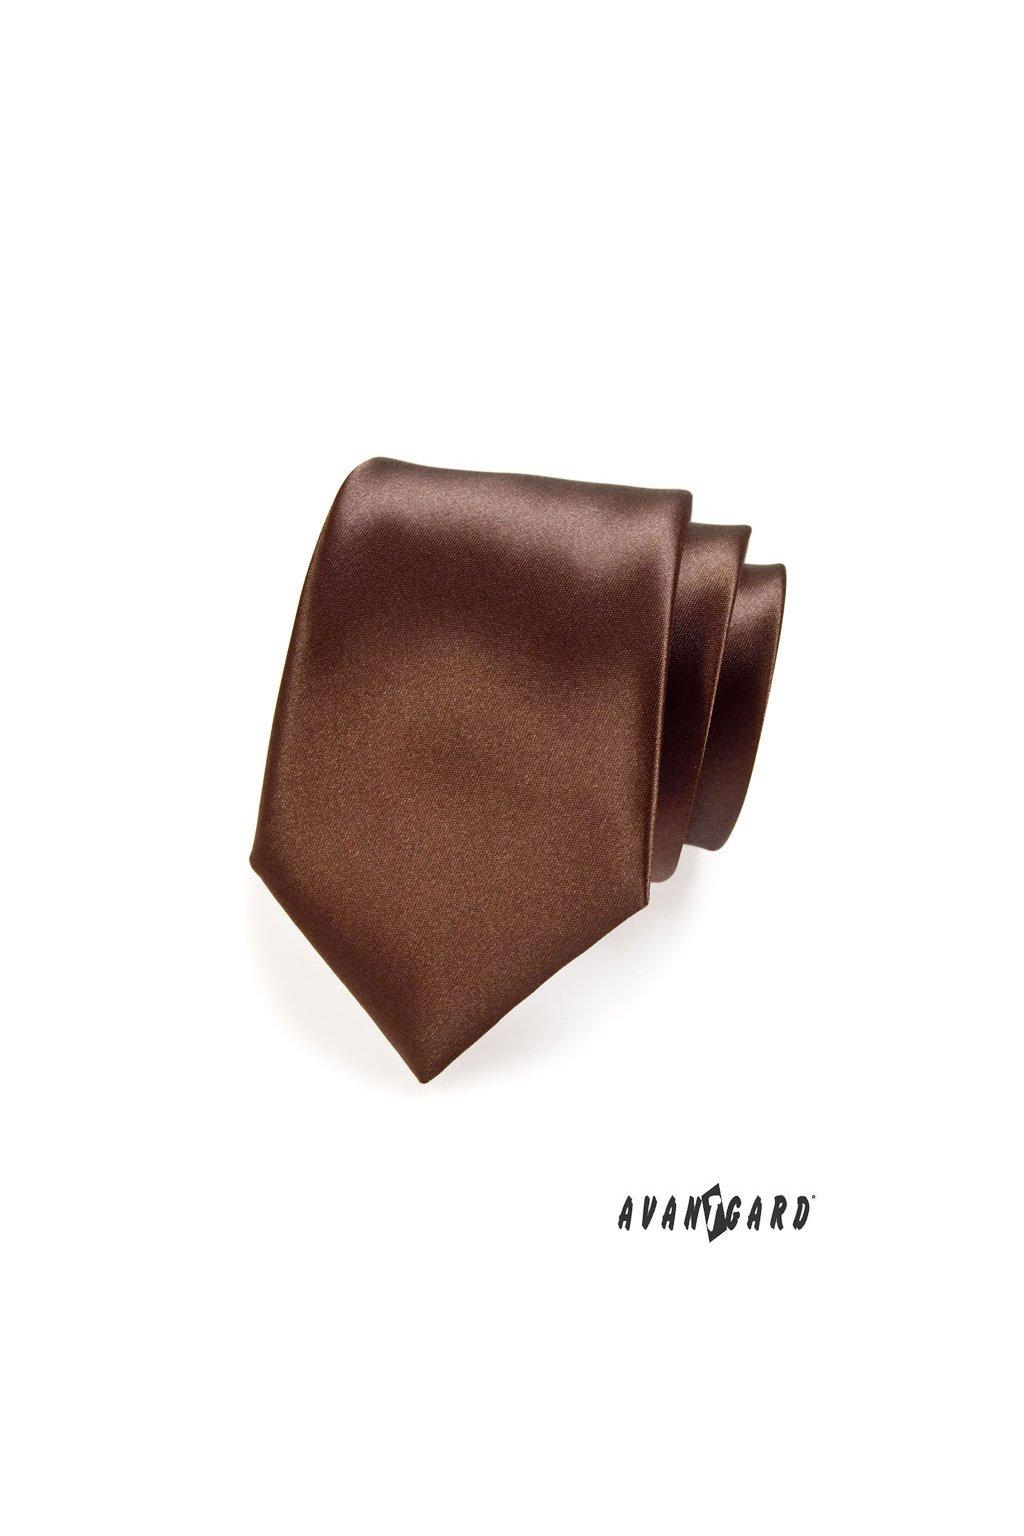 Hnědá luxusní kravata lesklá 561 - 9018